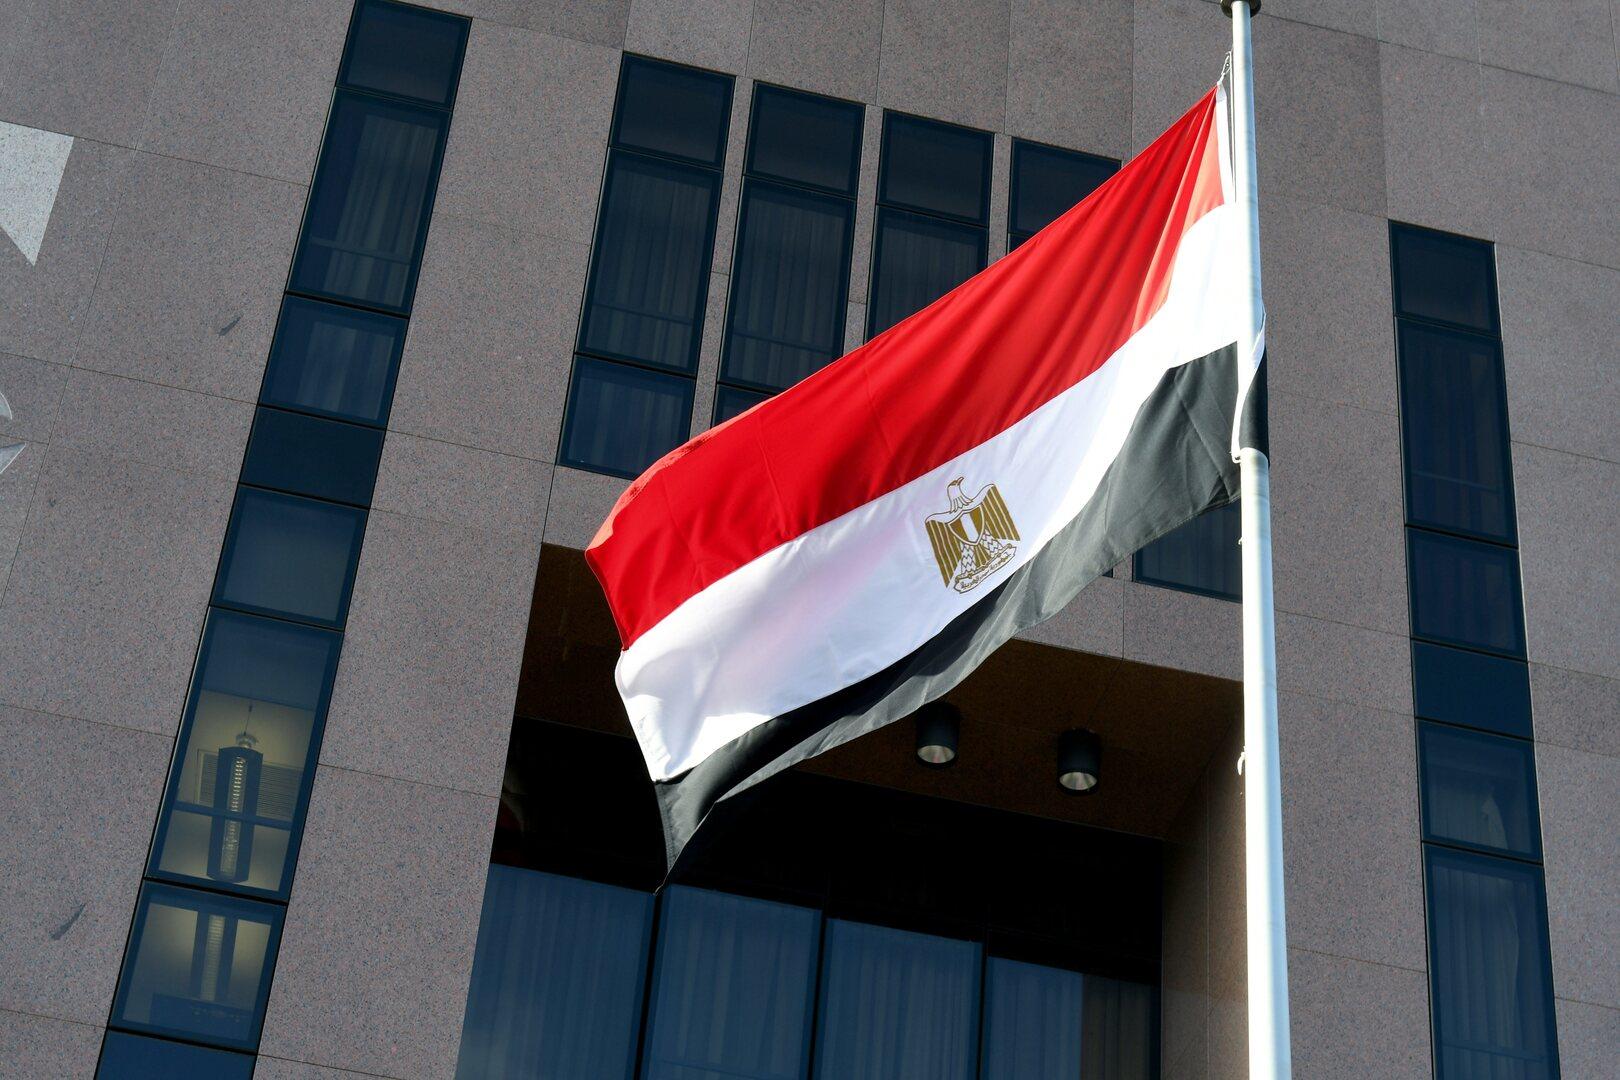 الخارجية المصرية عن بيان مجلس الأمن حول سد النهضة: دفعة لإنجاح المسار الإفريقي التفاوضي